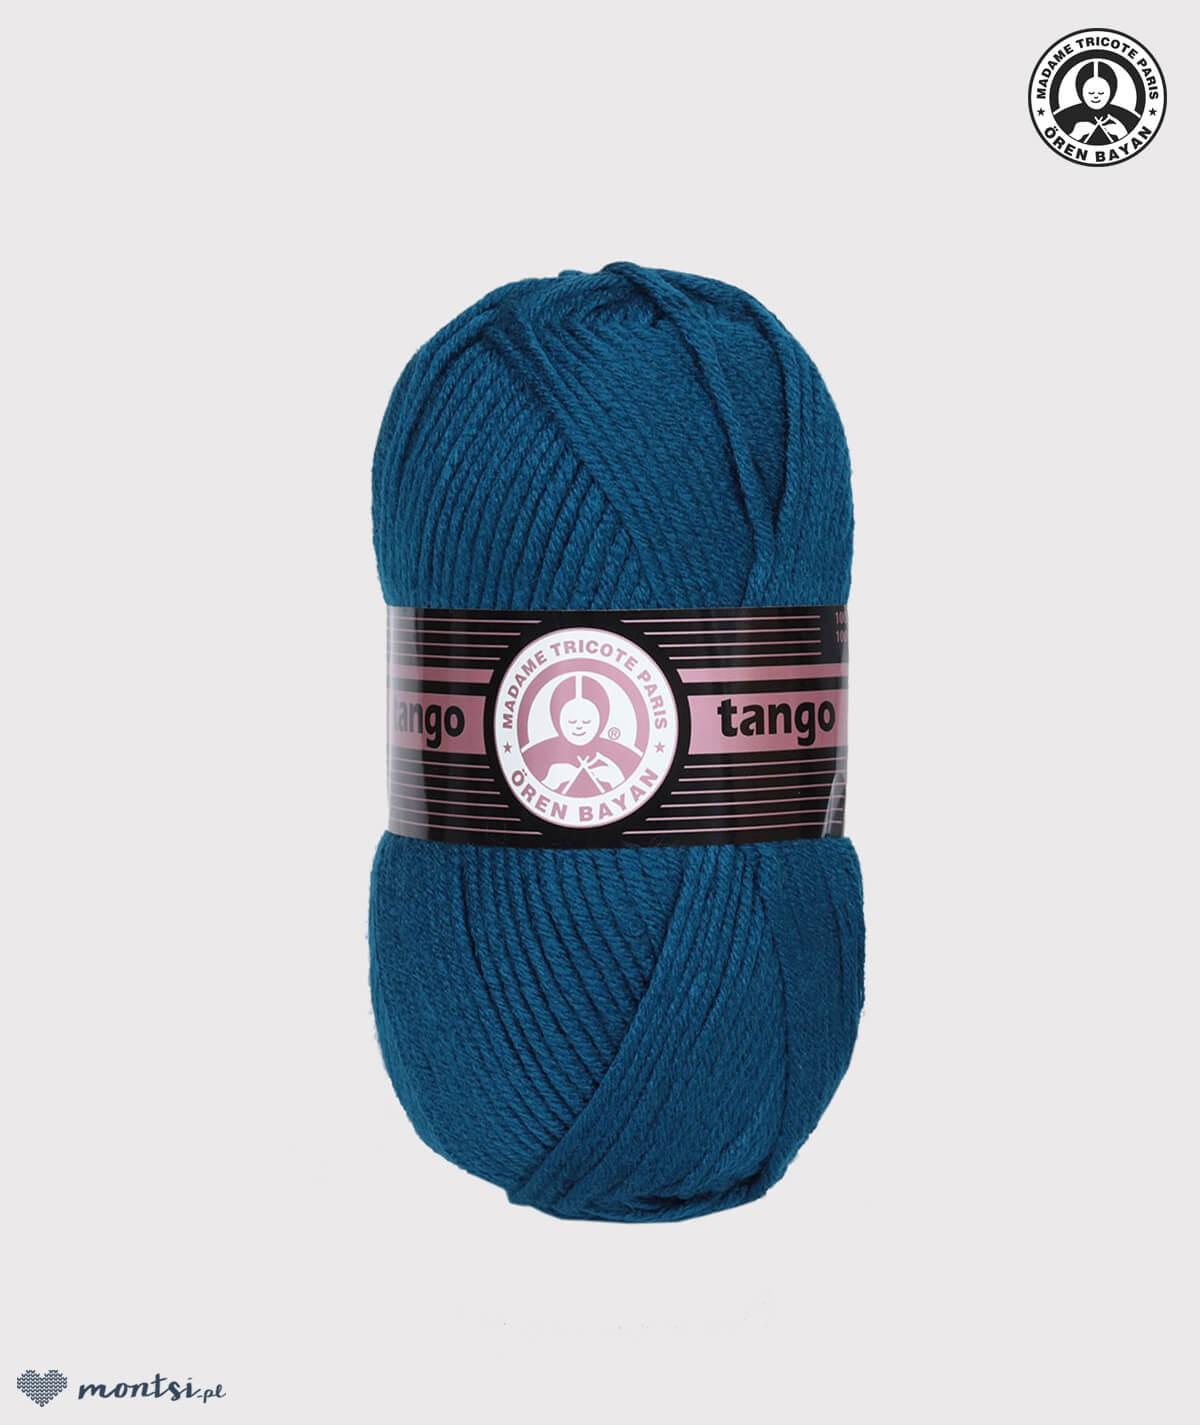 Włóczka Tango Madame Tricote 101 turkus morski